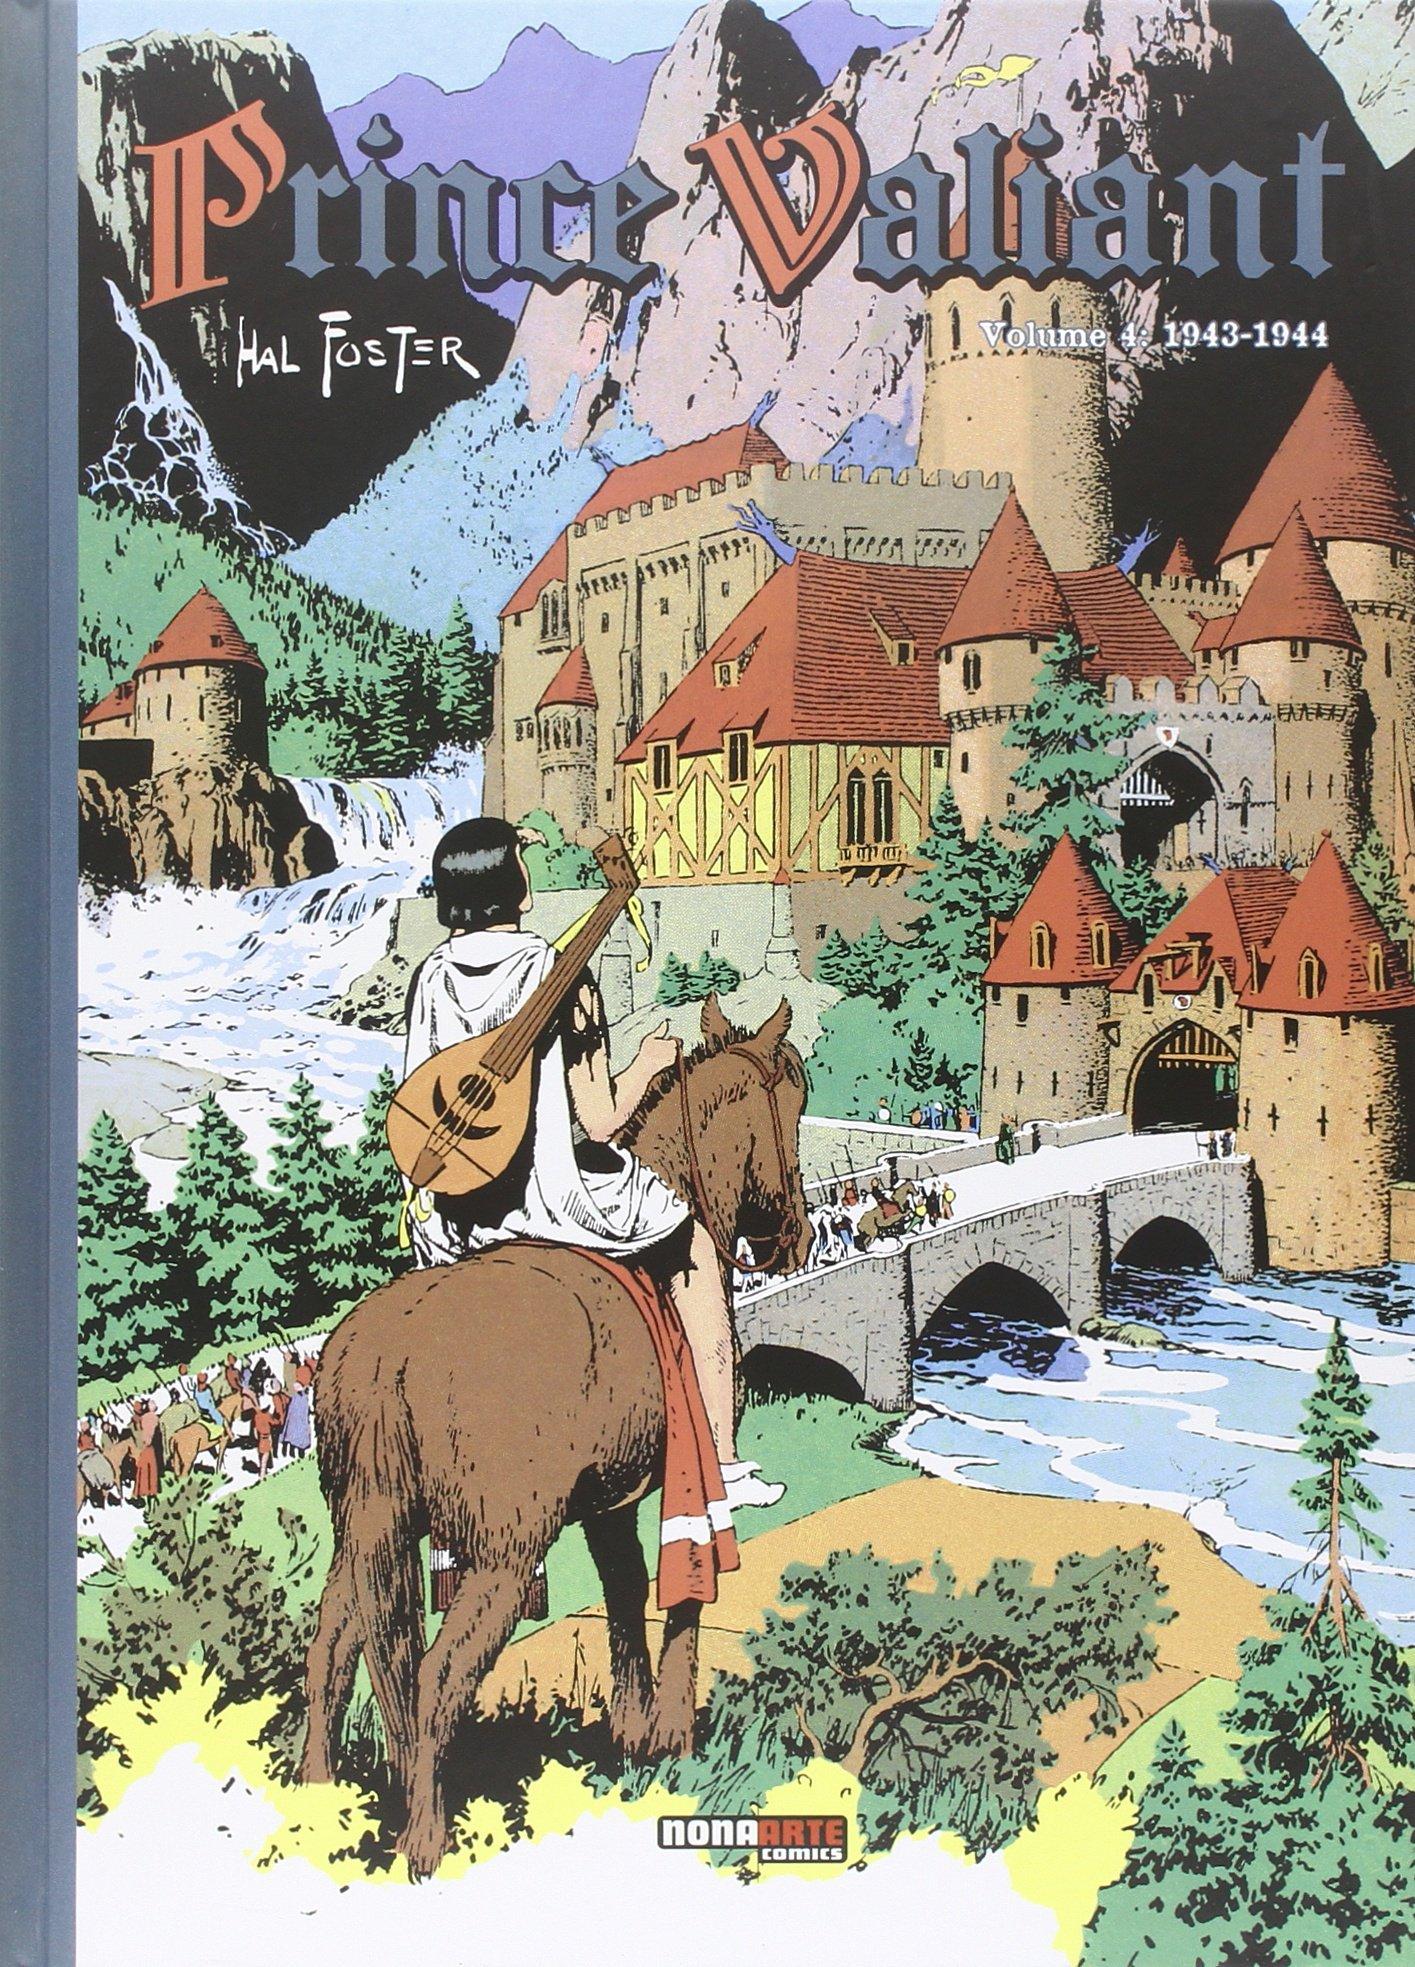 Prince Valiant: 4: Amazon.es: Foster, Hal, Romani, G.: Libros en idiomas extranjeros